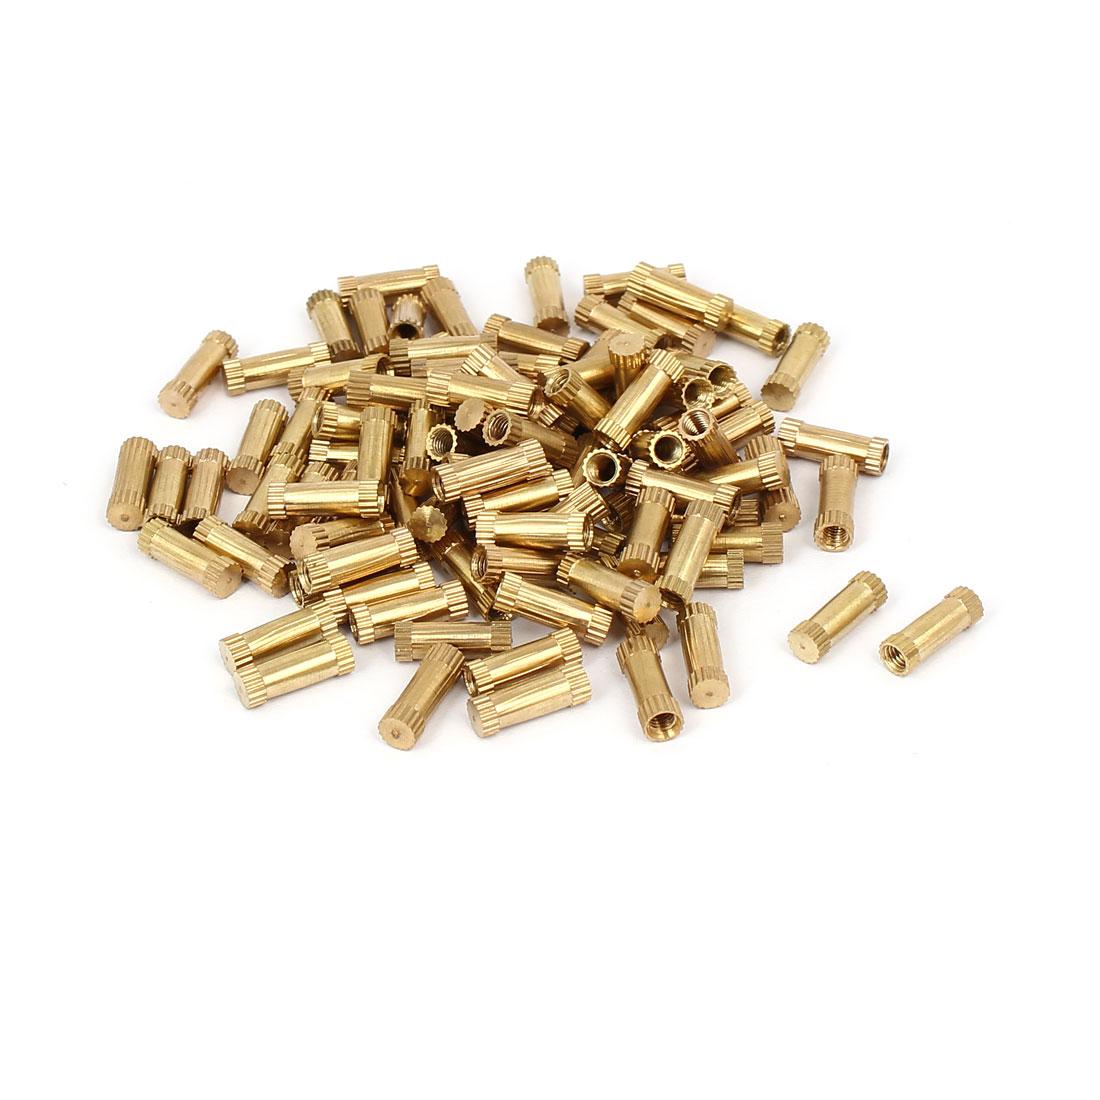 M3 x 12mm 4.3mm OD Brass Threaded Insert Embedded Knurled Thumb Nut 100PCS